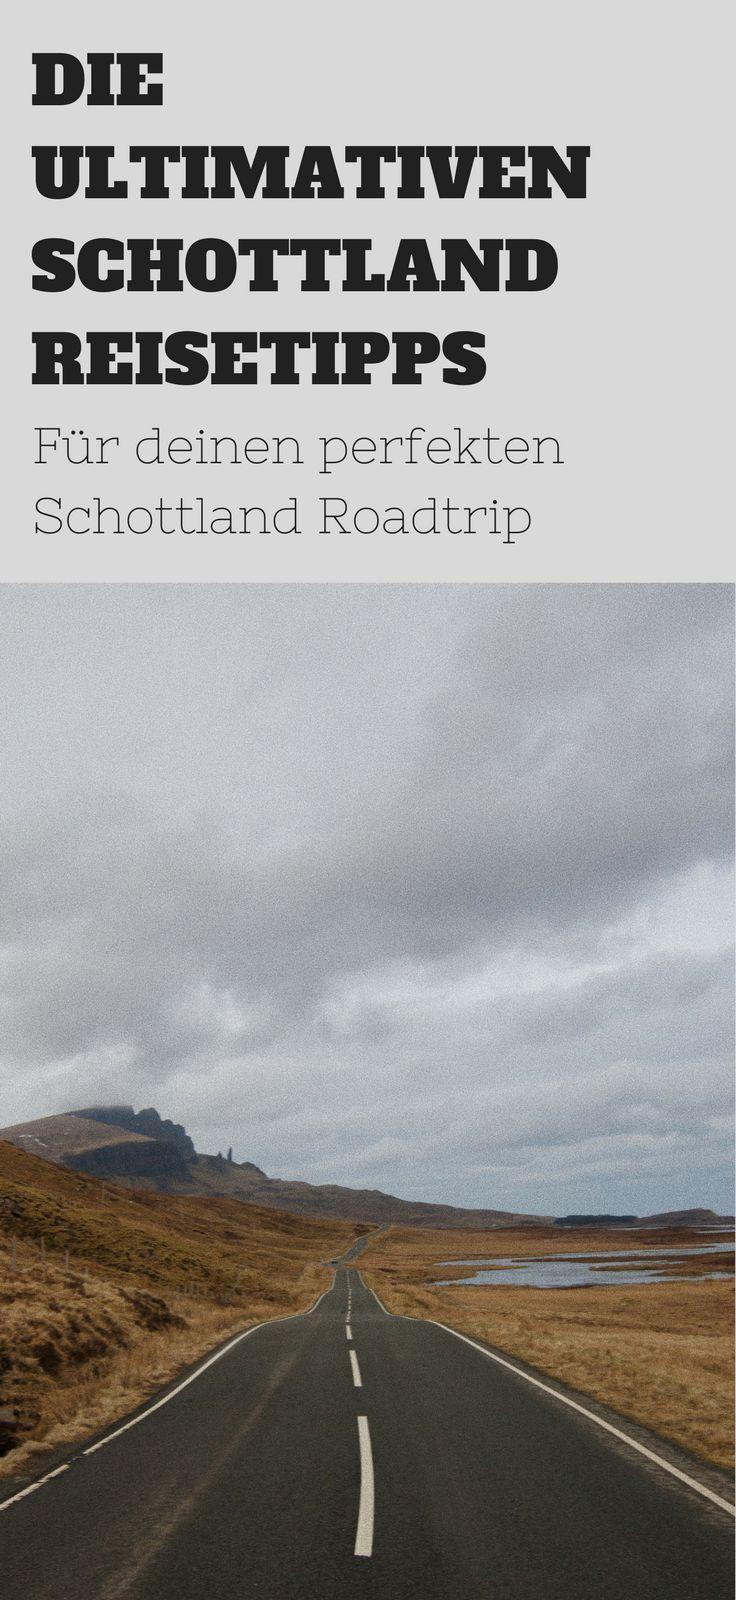 Erlebe den perfekten Roadtrip mit diesen Schottland Reisetipps! Lieber die Westküste oder doch in den Norden? Finde heraus welche Route für dich Sinn macht und erlebe einen unvergesslichen Urlaub. Los geht's!